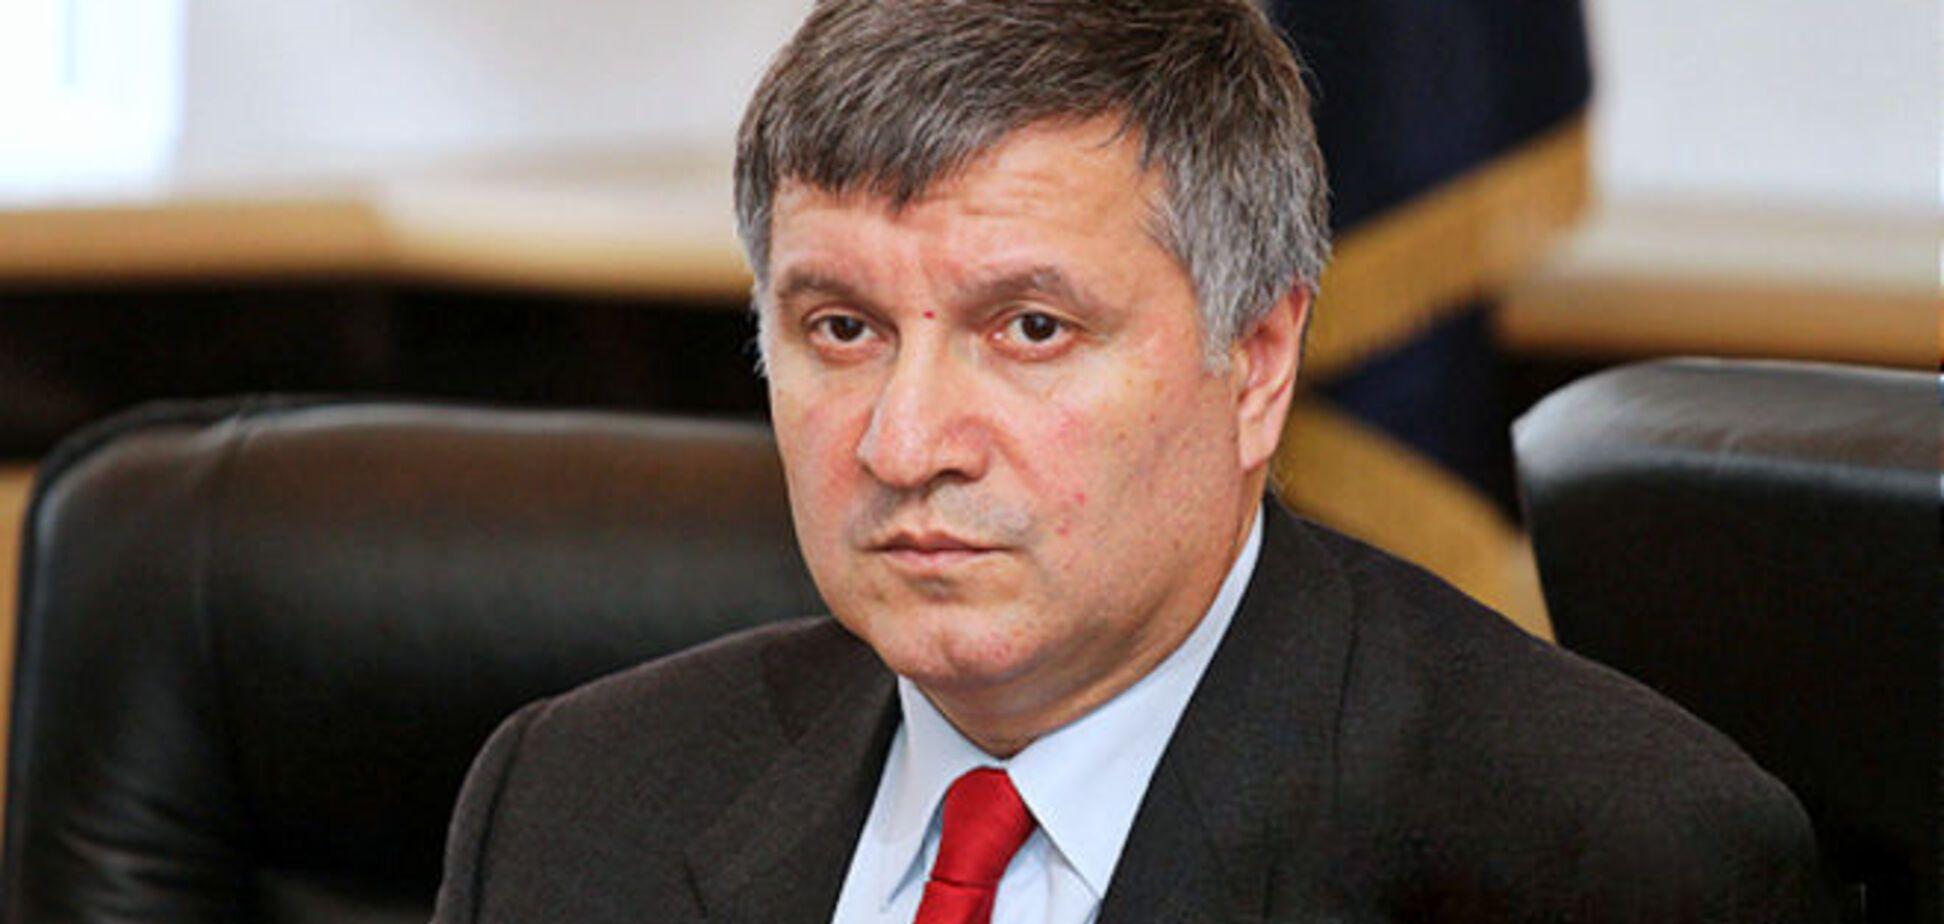 Заммэра Тернополя поджег здание горсовета, чтобы уйти от ответственности - Аваков